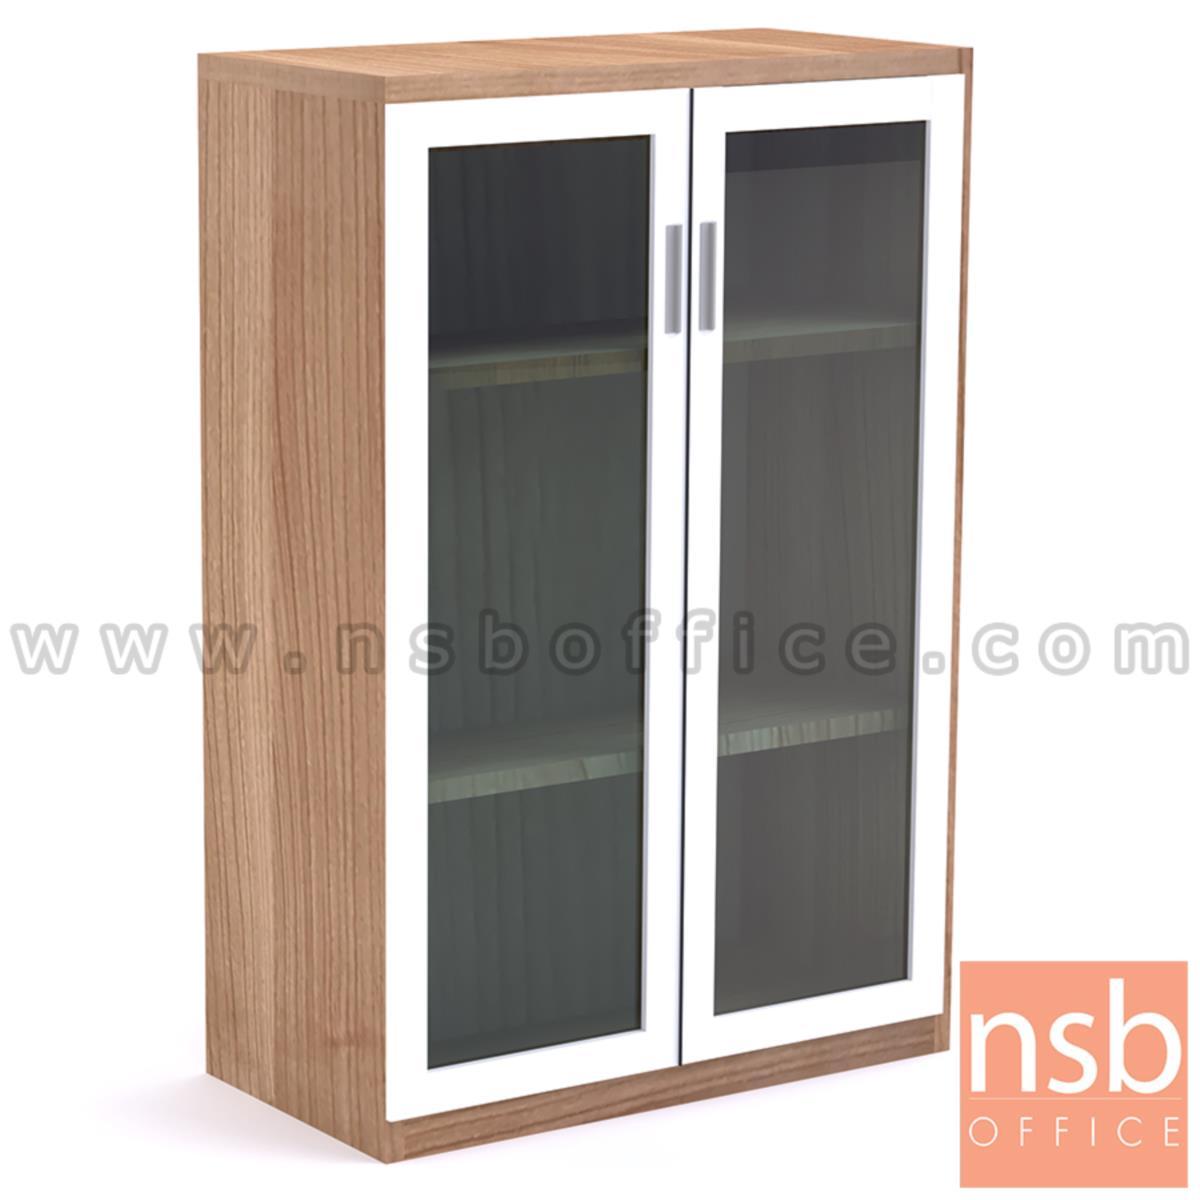 C01A080:ตู้เอกสาร 2 บานเปิดกระจกเฟรมอลูมิเนียม รุ่น Prince (ปริ๊นซ์) ขนาด 120H cm. เมลามีน